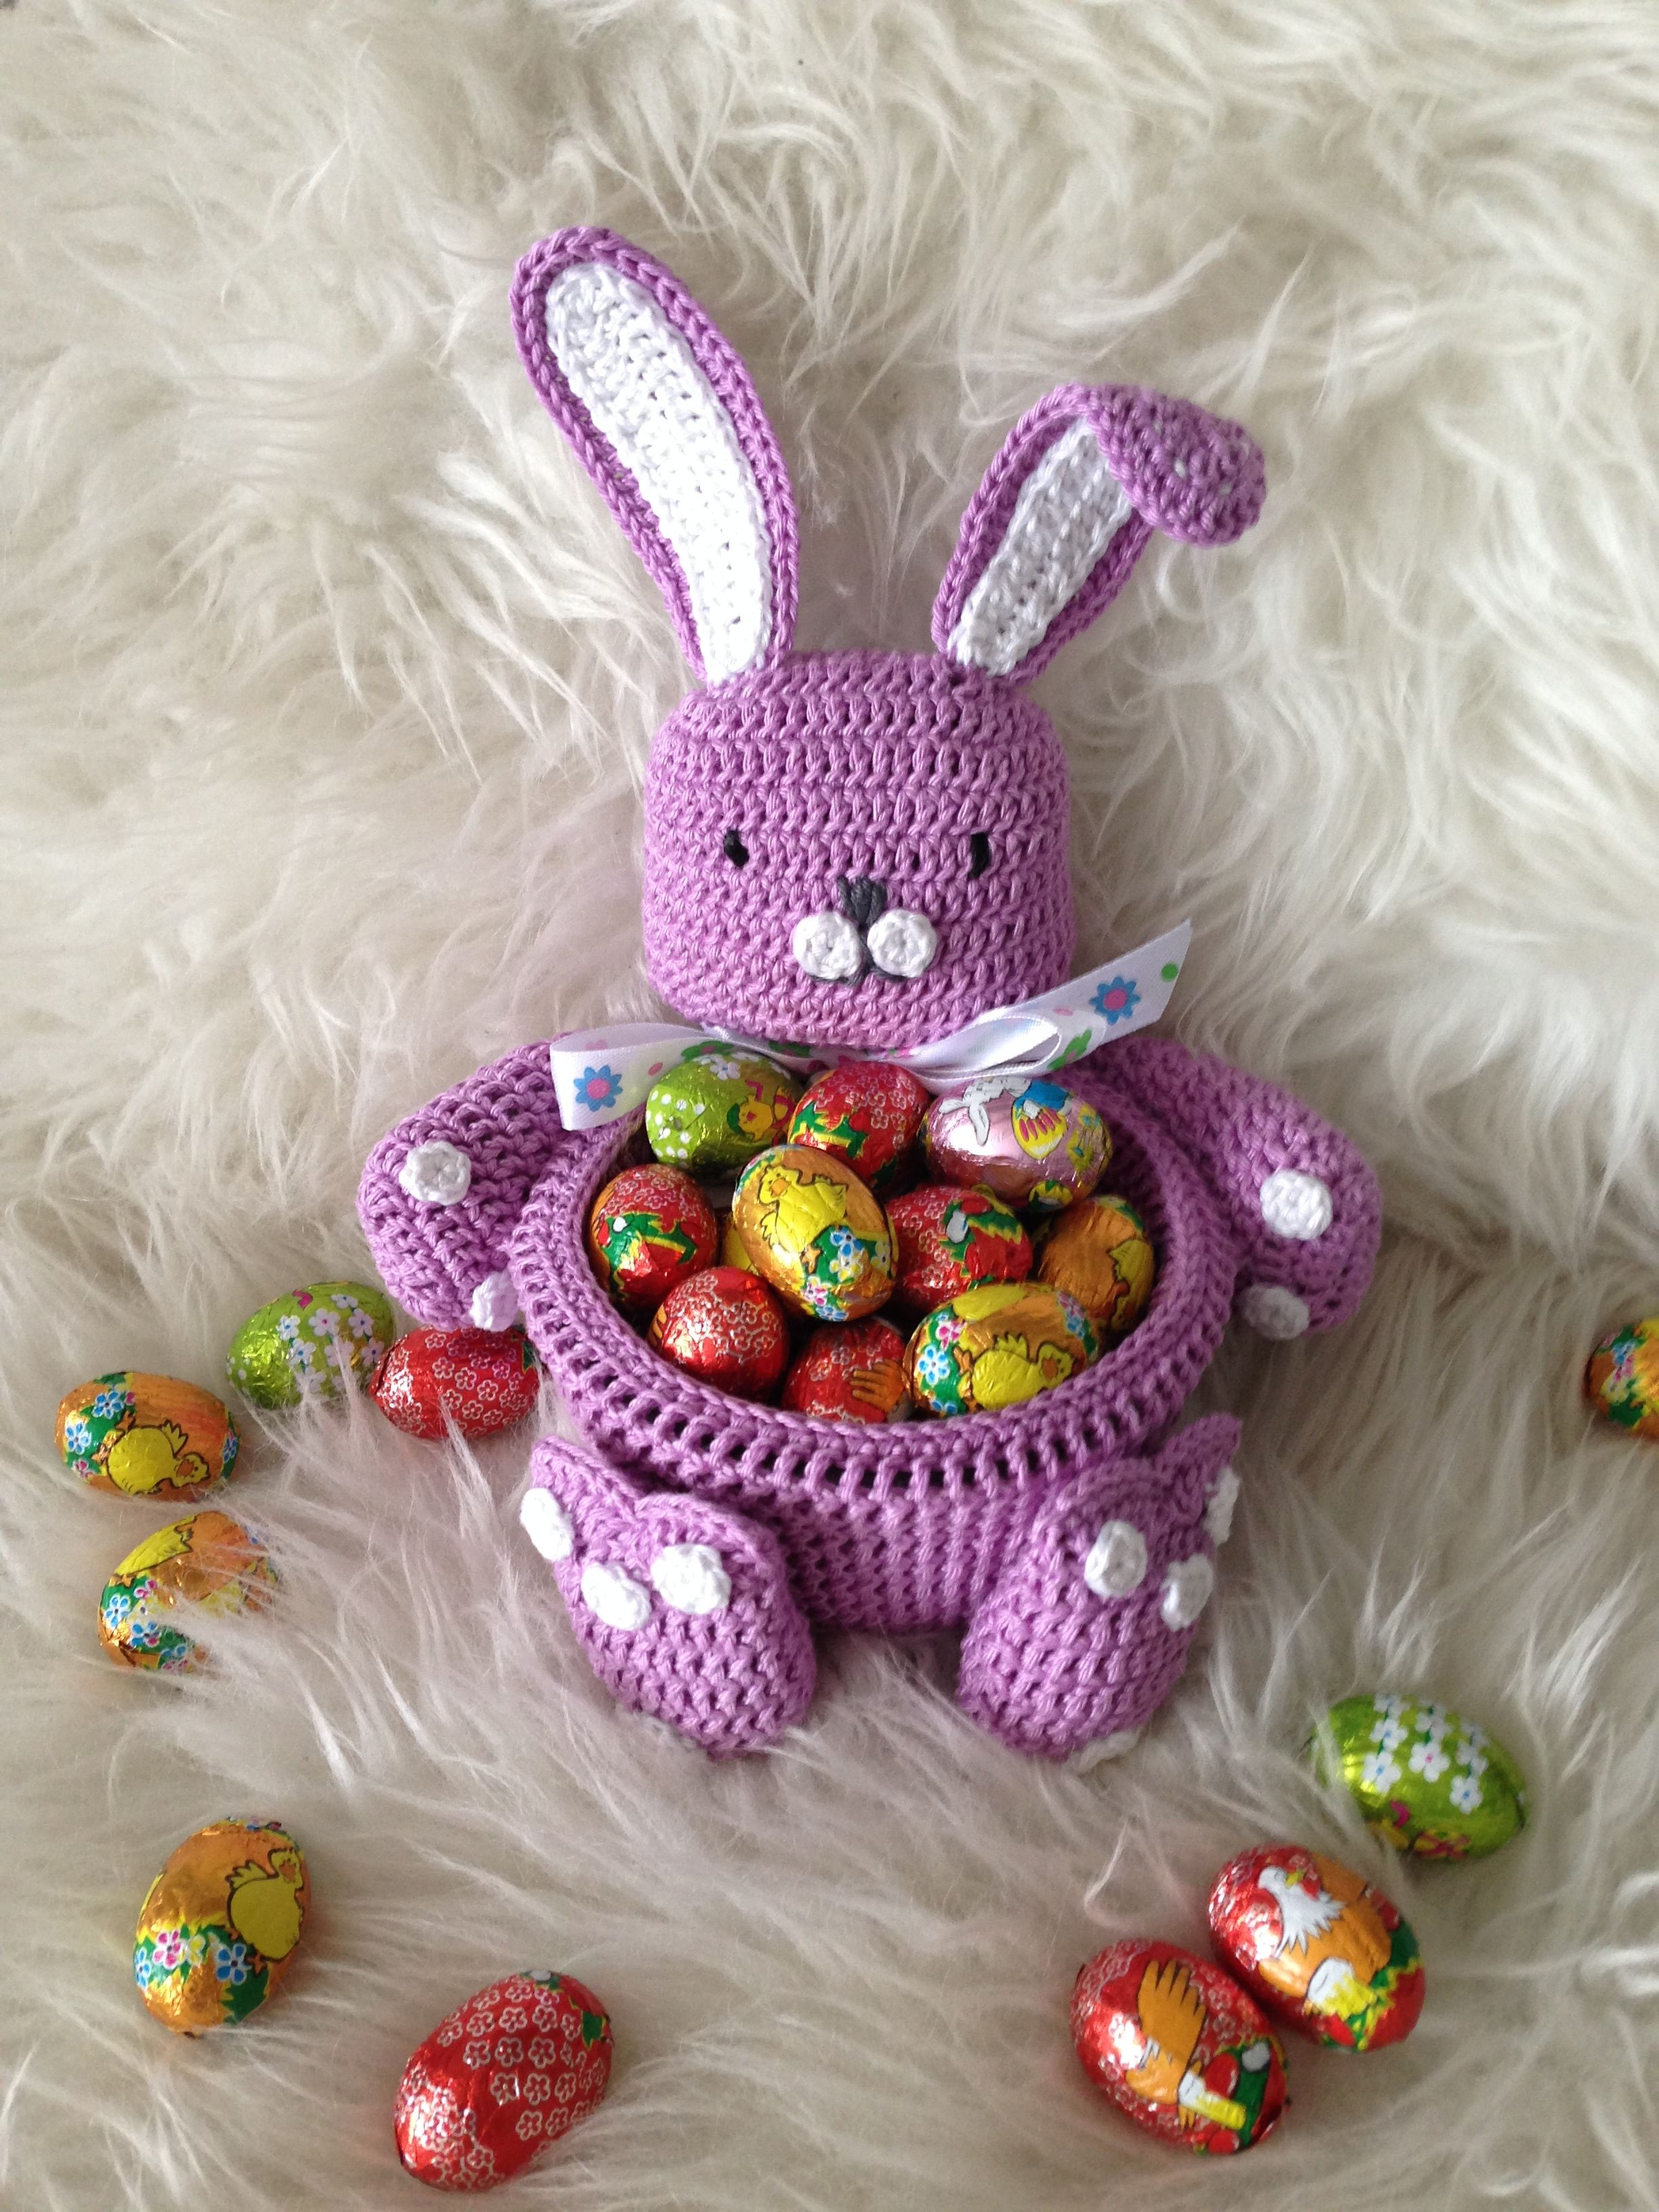 Gehaakte Paashaas Crochet Easter Bunny Haken Pasen Easter